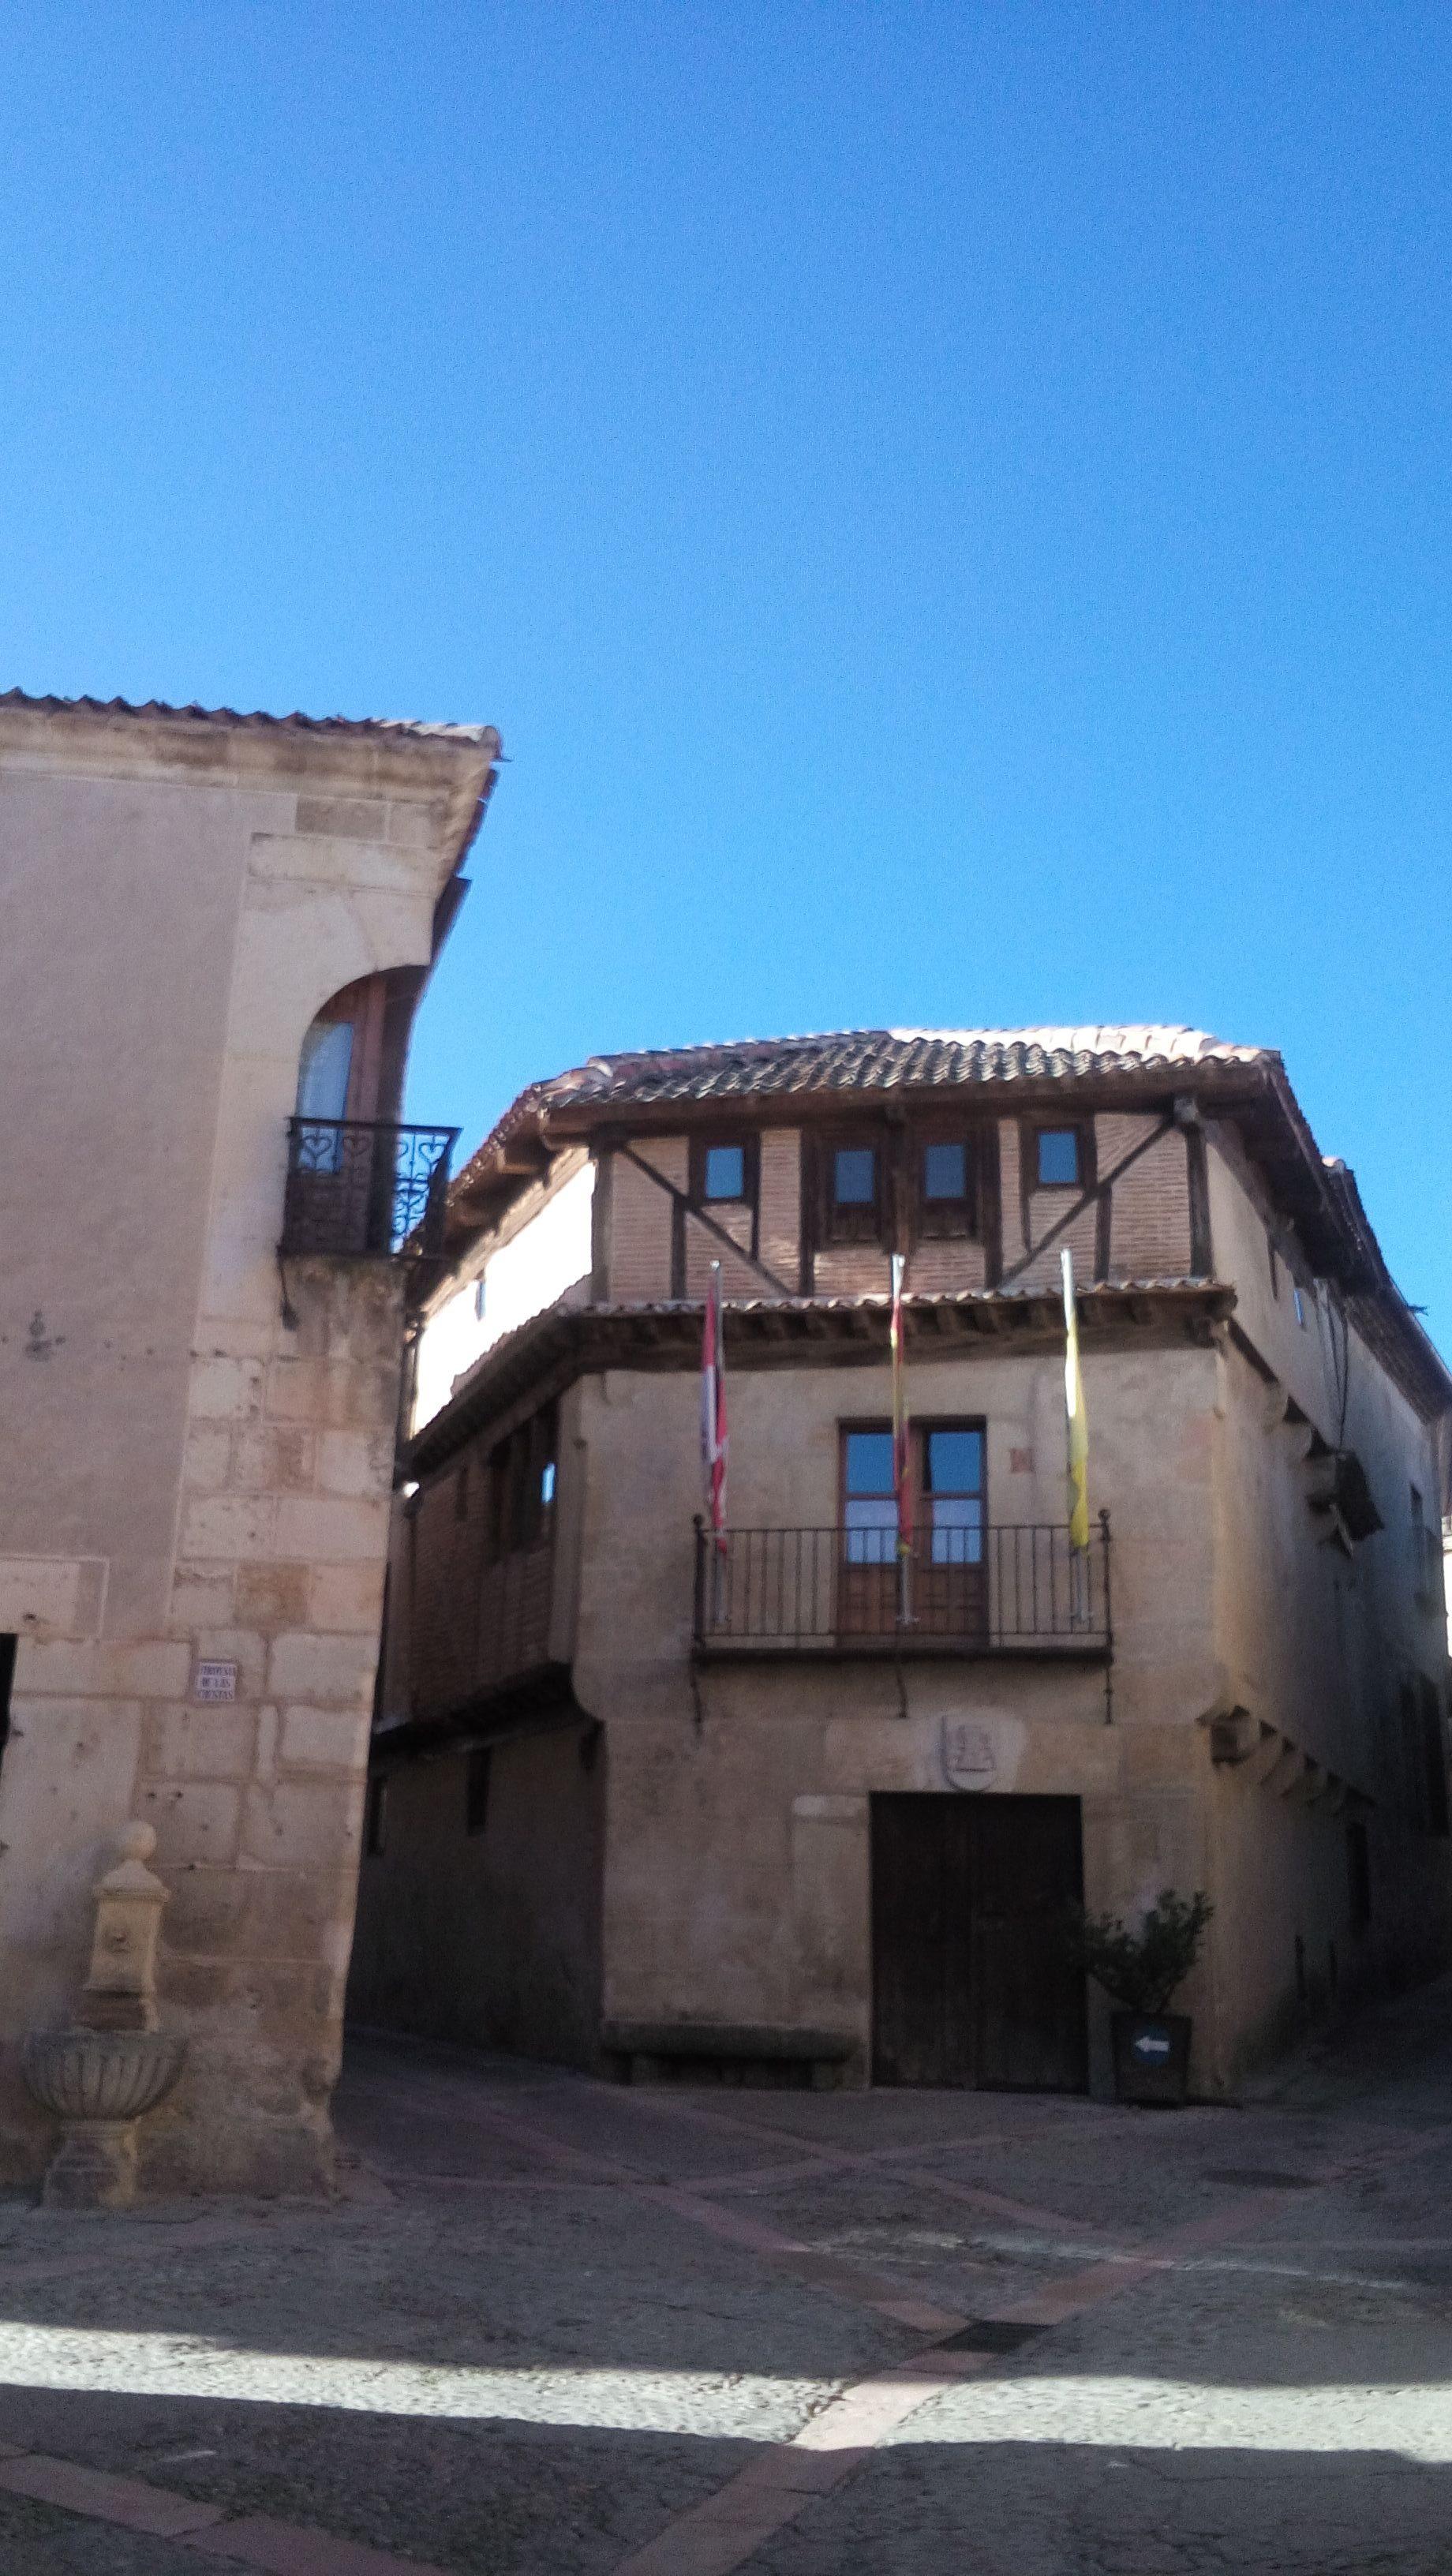 Visita la villa de pedraza visitas guiadas por segovia - La olma de pedraza ...